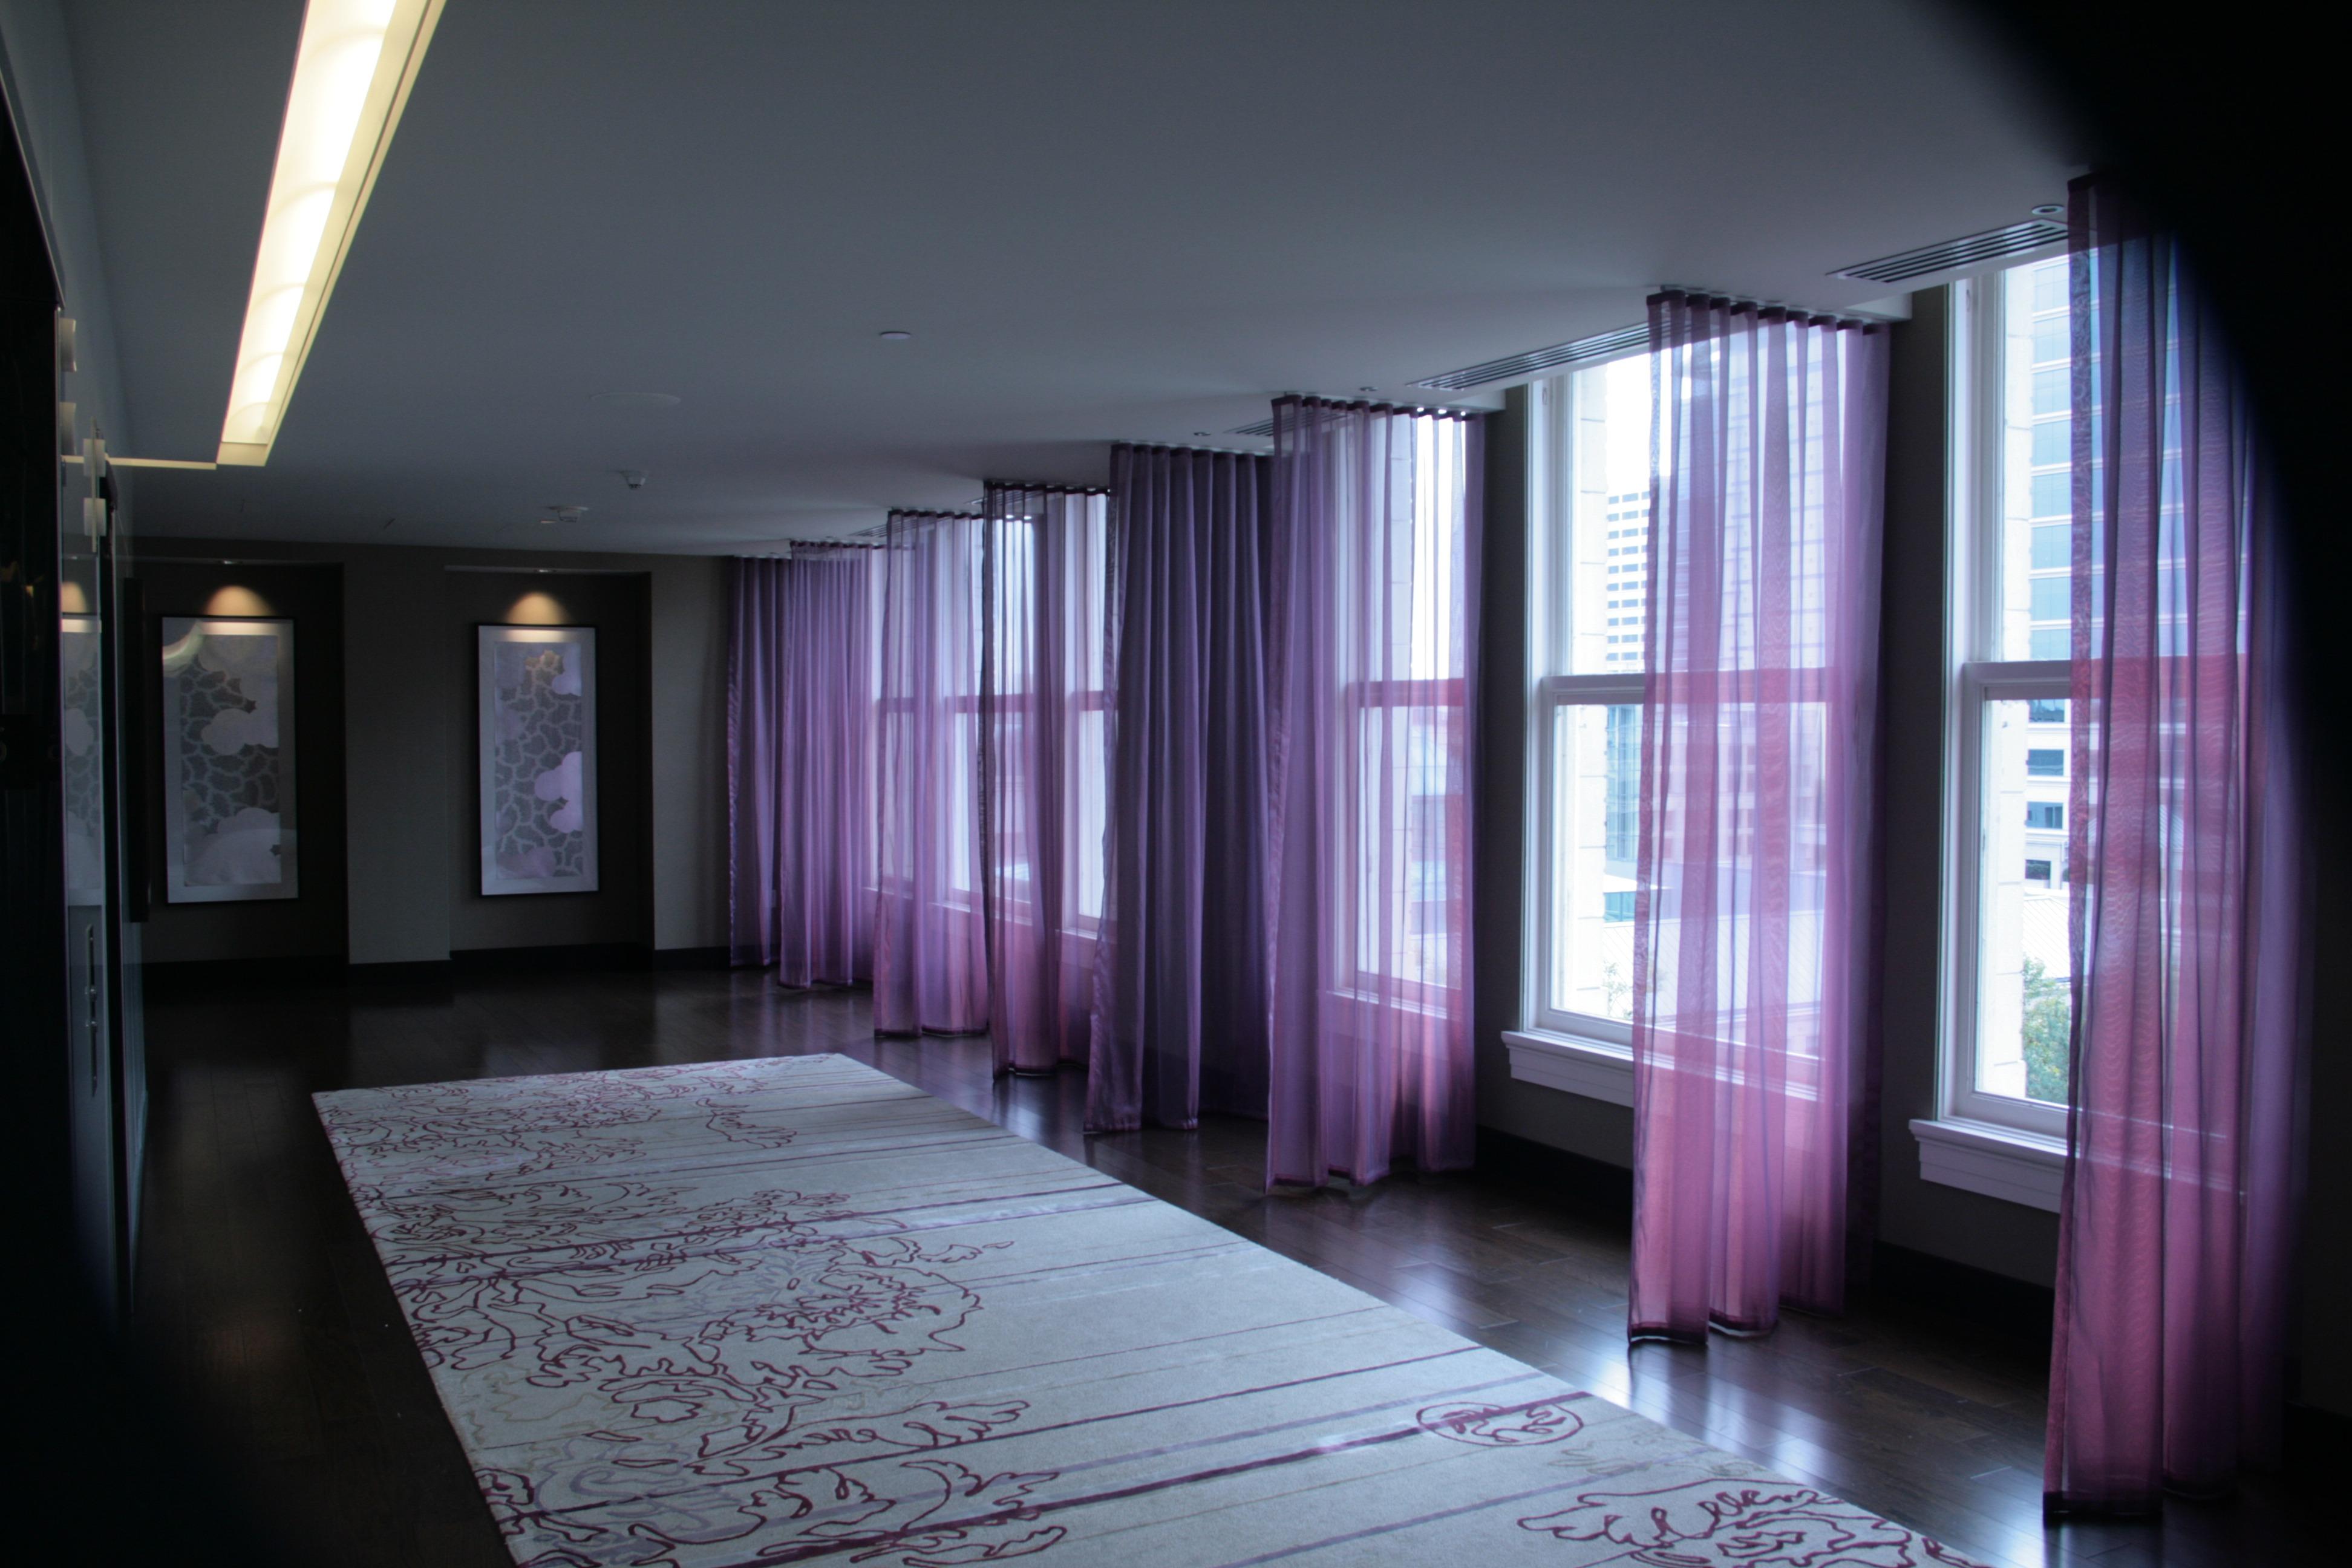 Images gratuites lumi re architecture maison violet for Conception d architecture maison gratuite